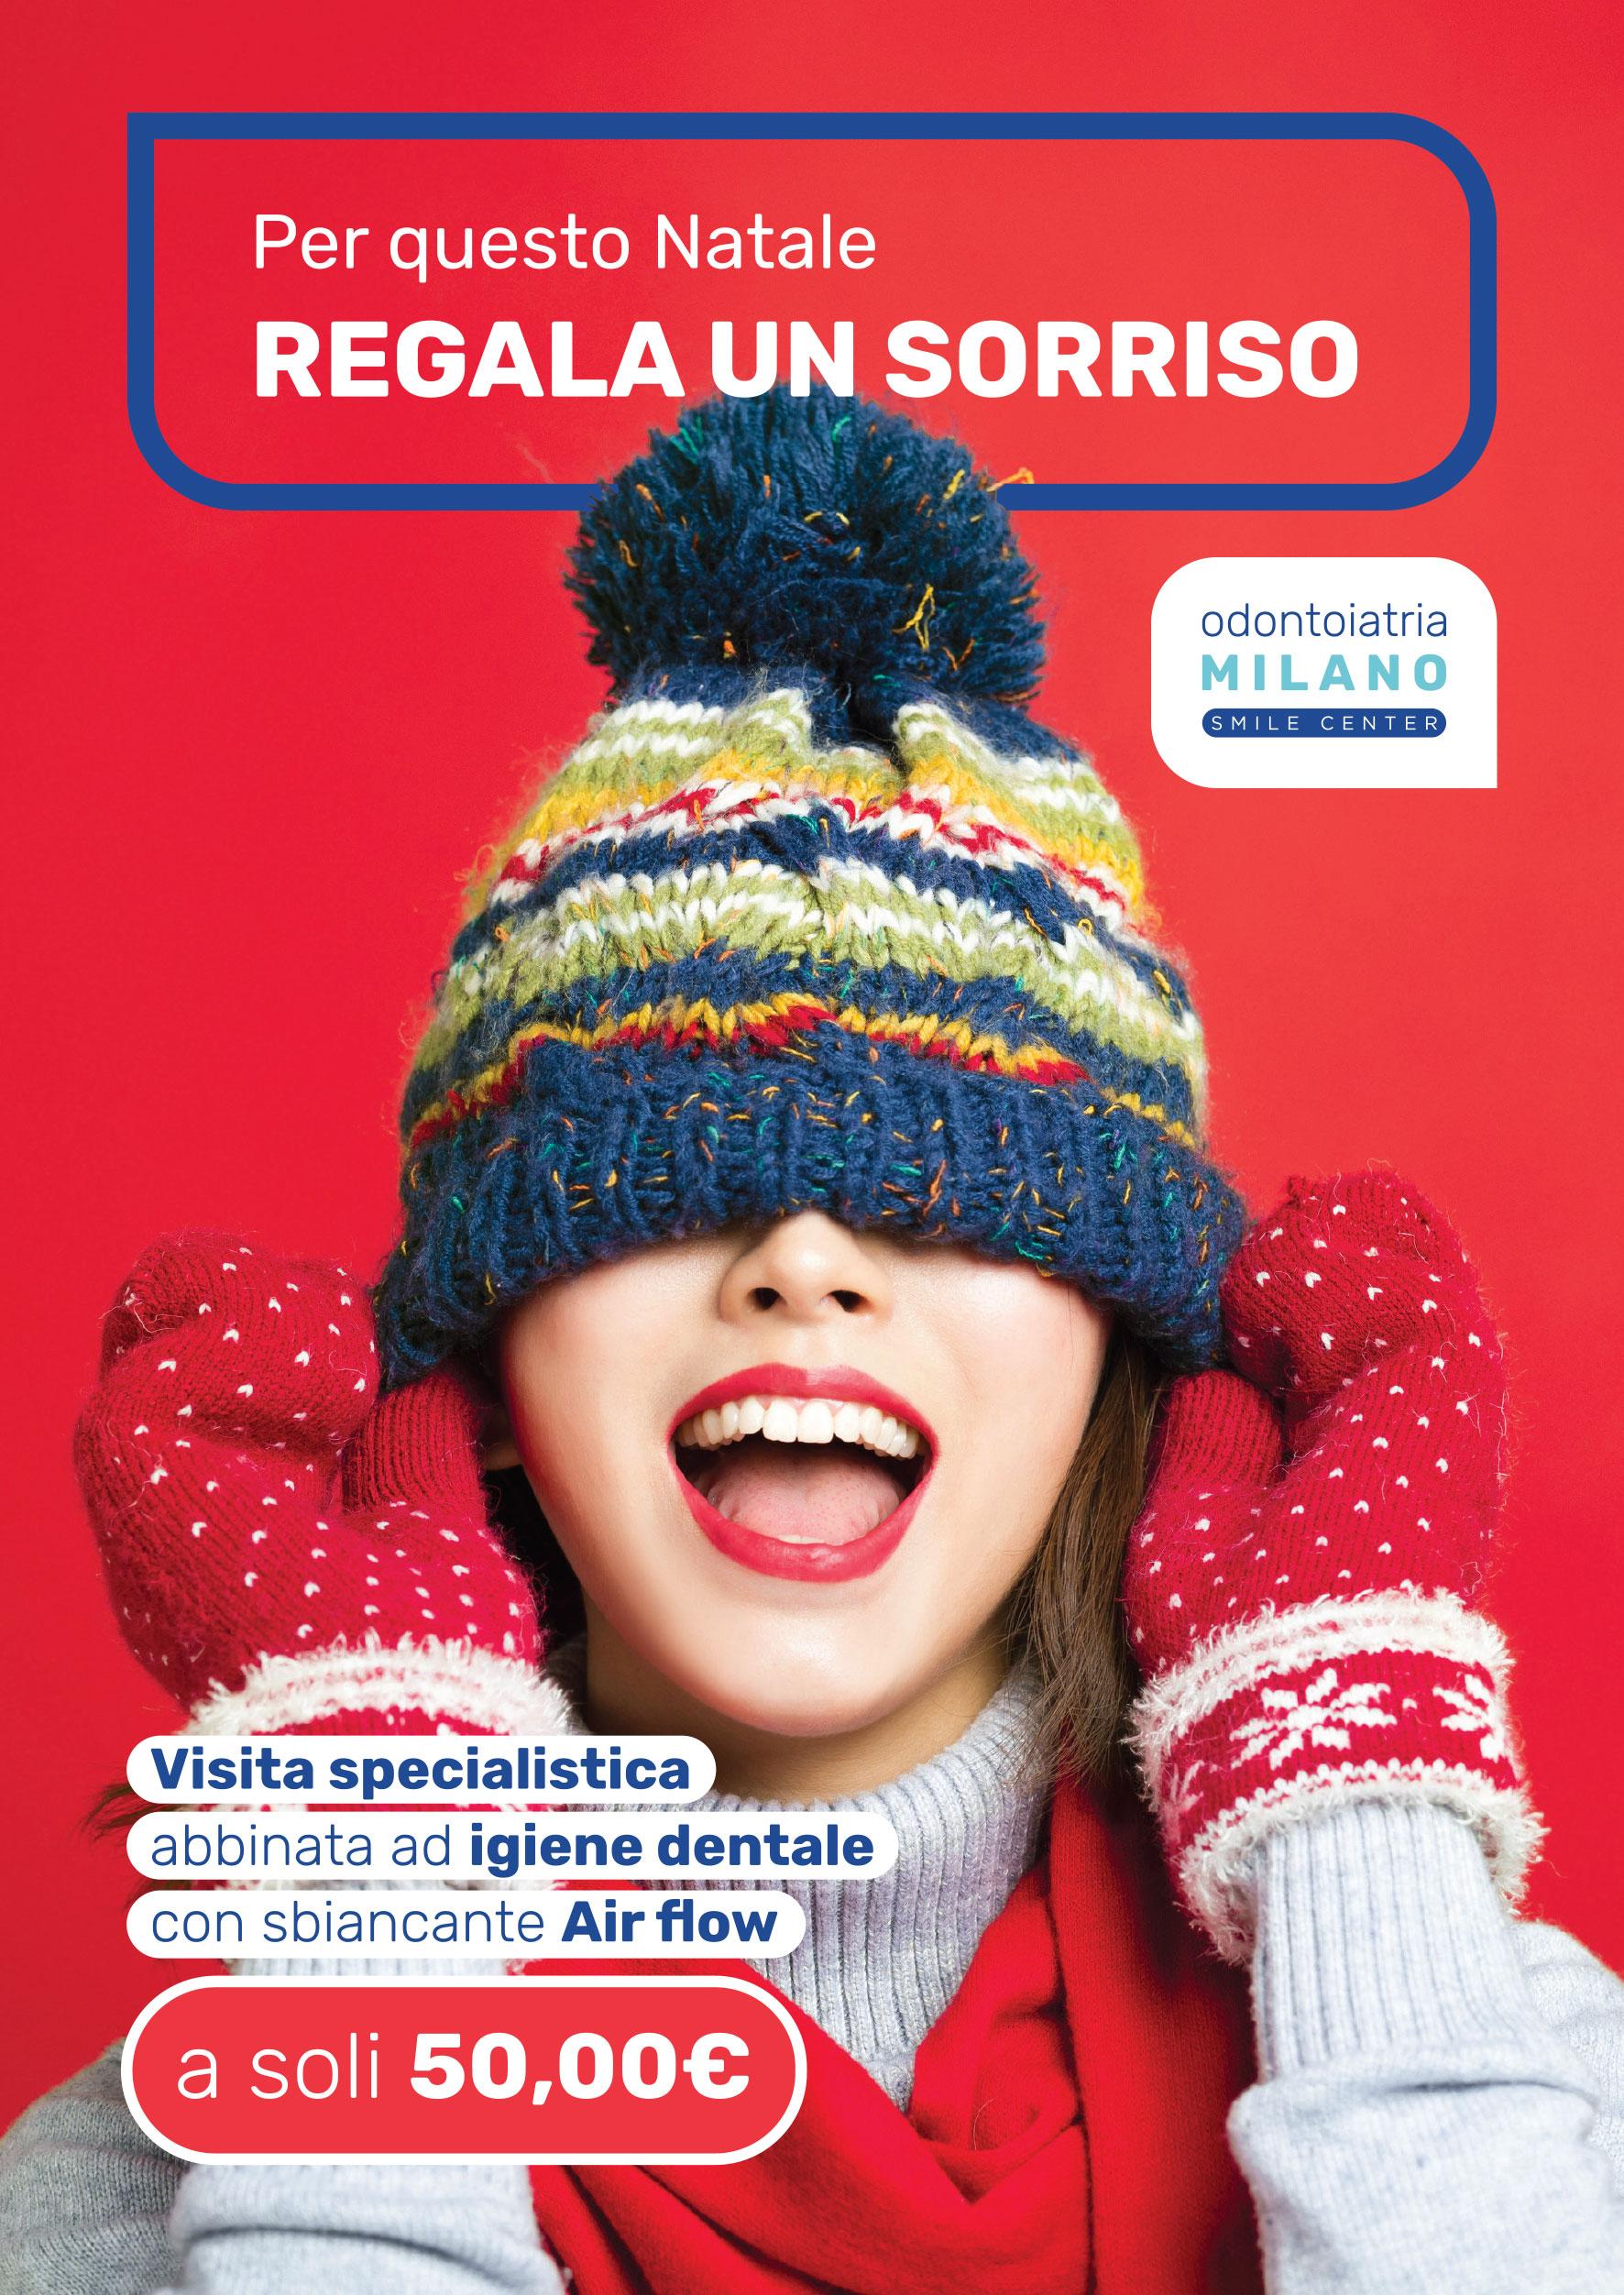 Odontoiatria Milano Smile Center dicembre